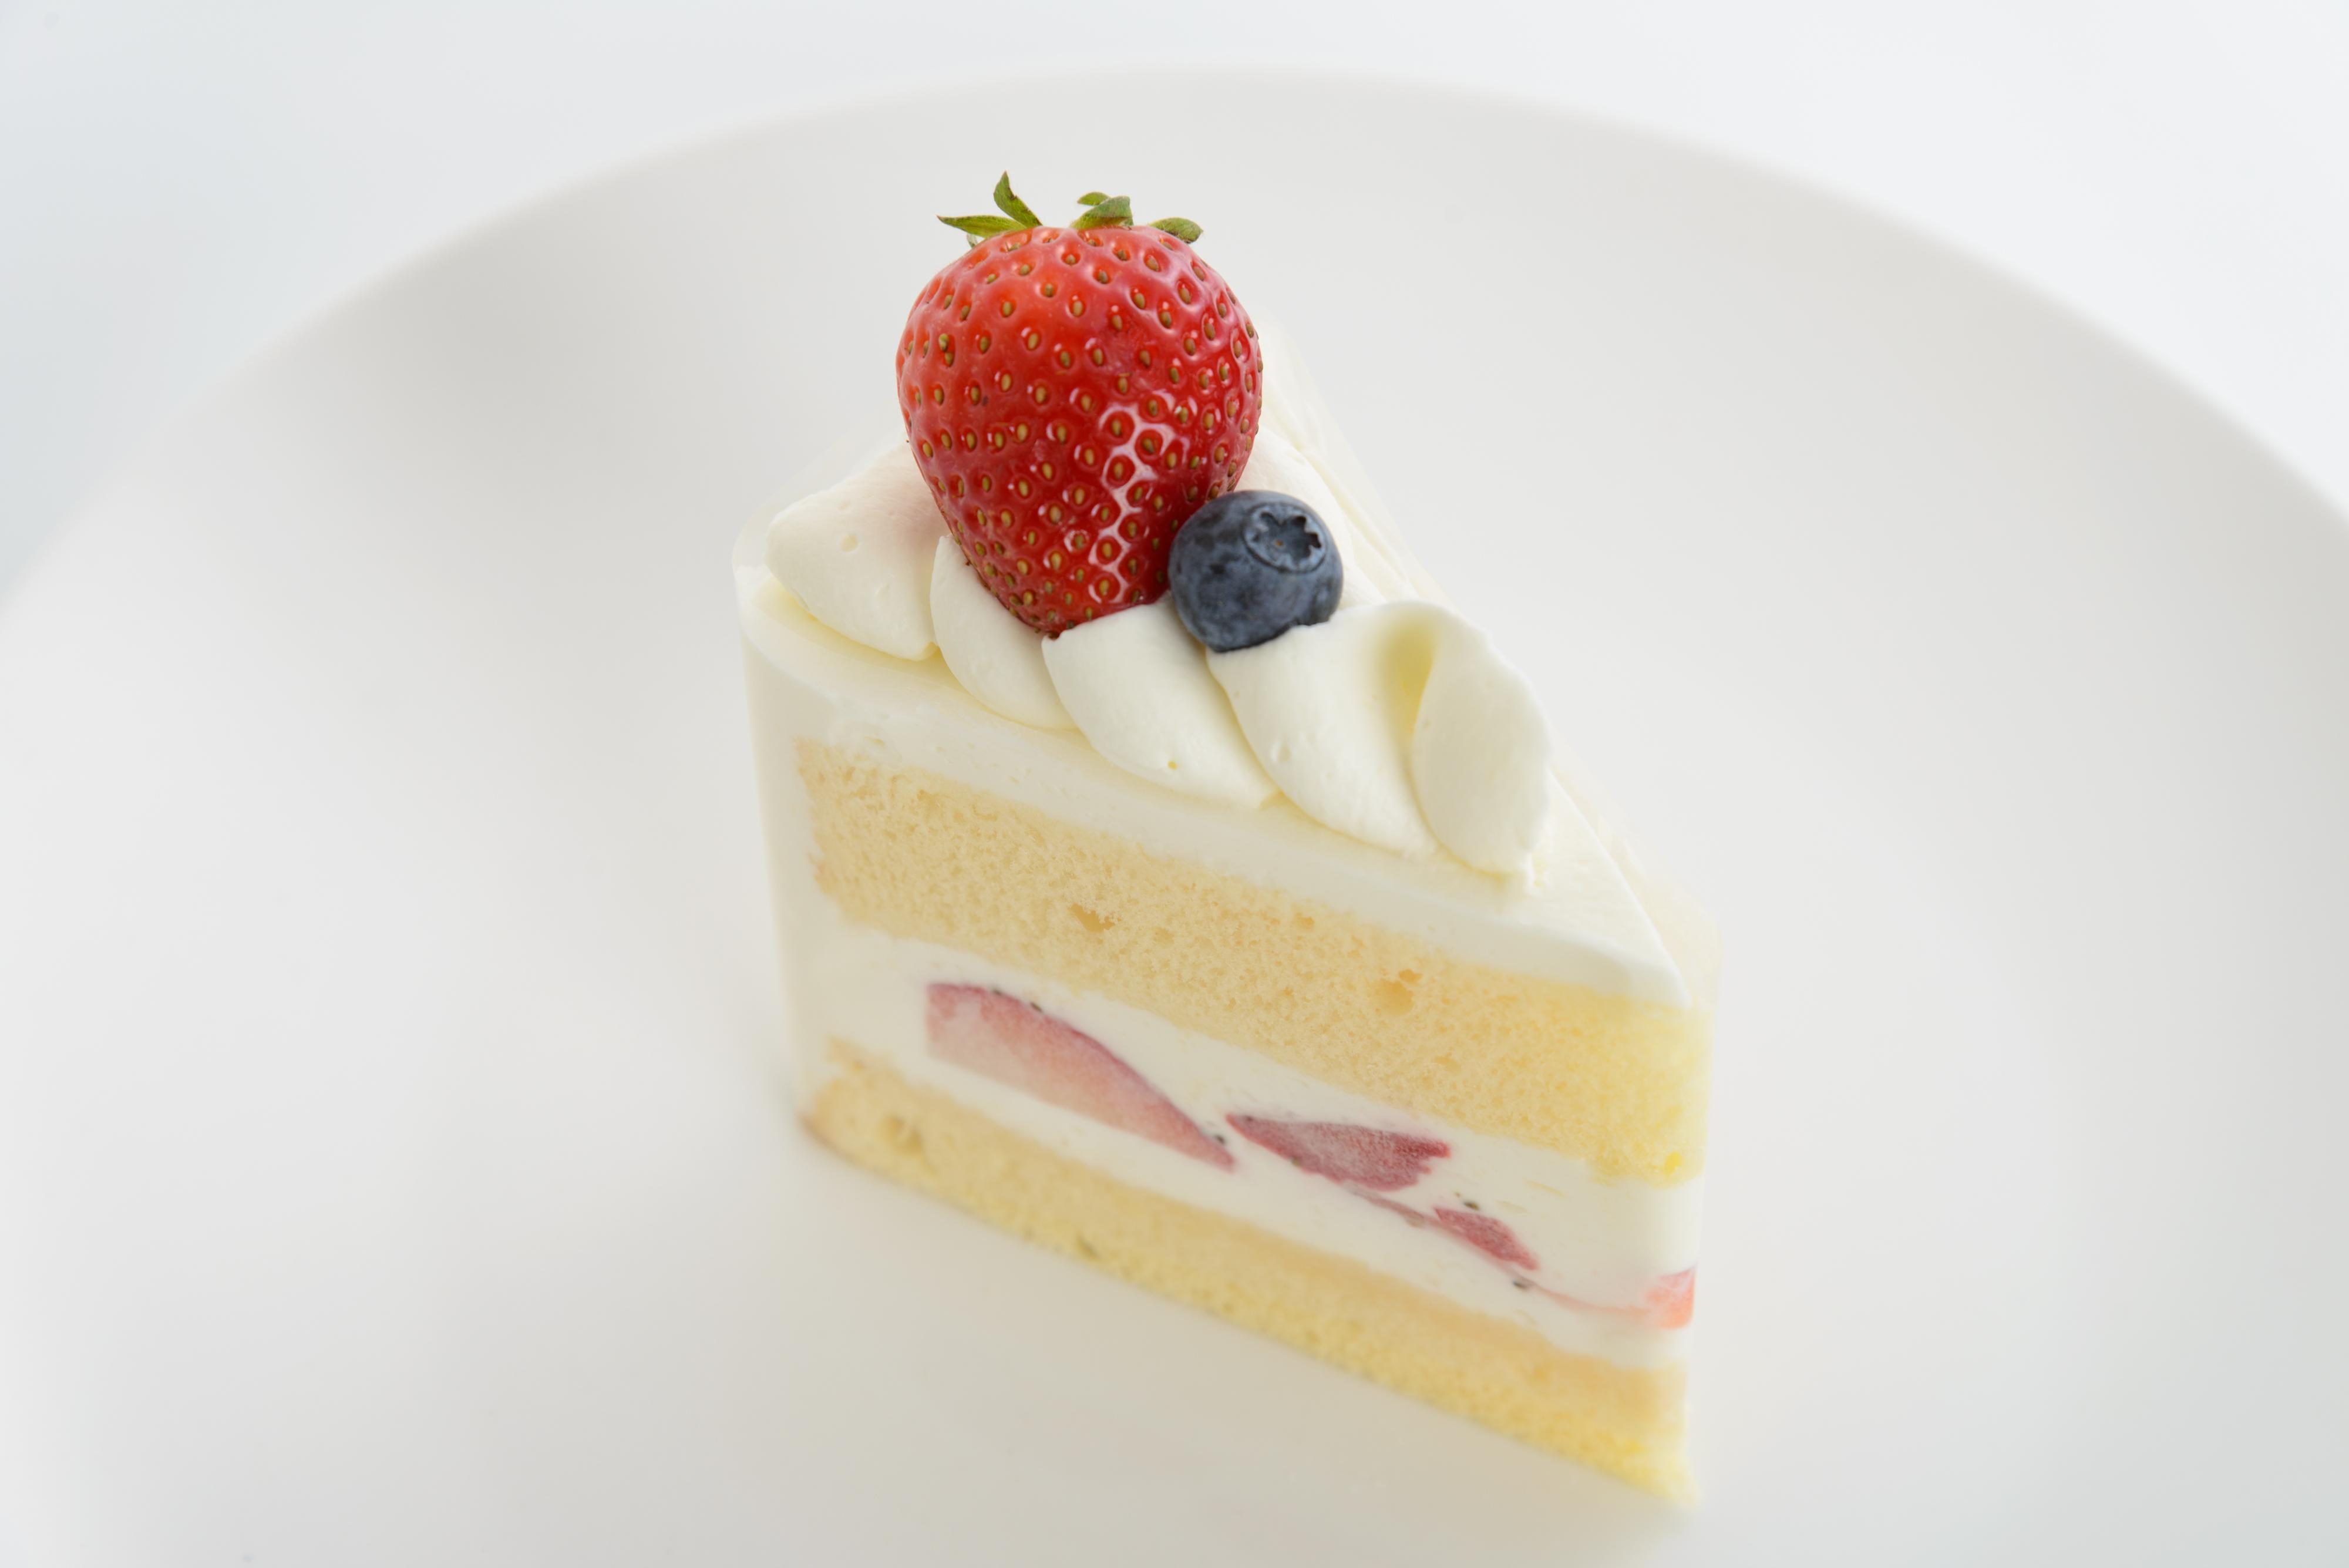 *ショートケーキ* ウルー一番人気のいちごのショートケーキ。 くちどけの良いスポンジと生クリームのおいしさを味わって下さい。